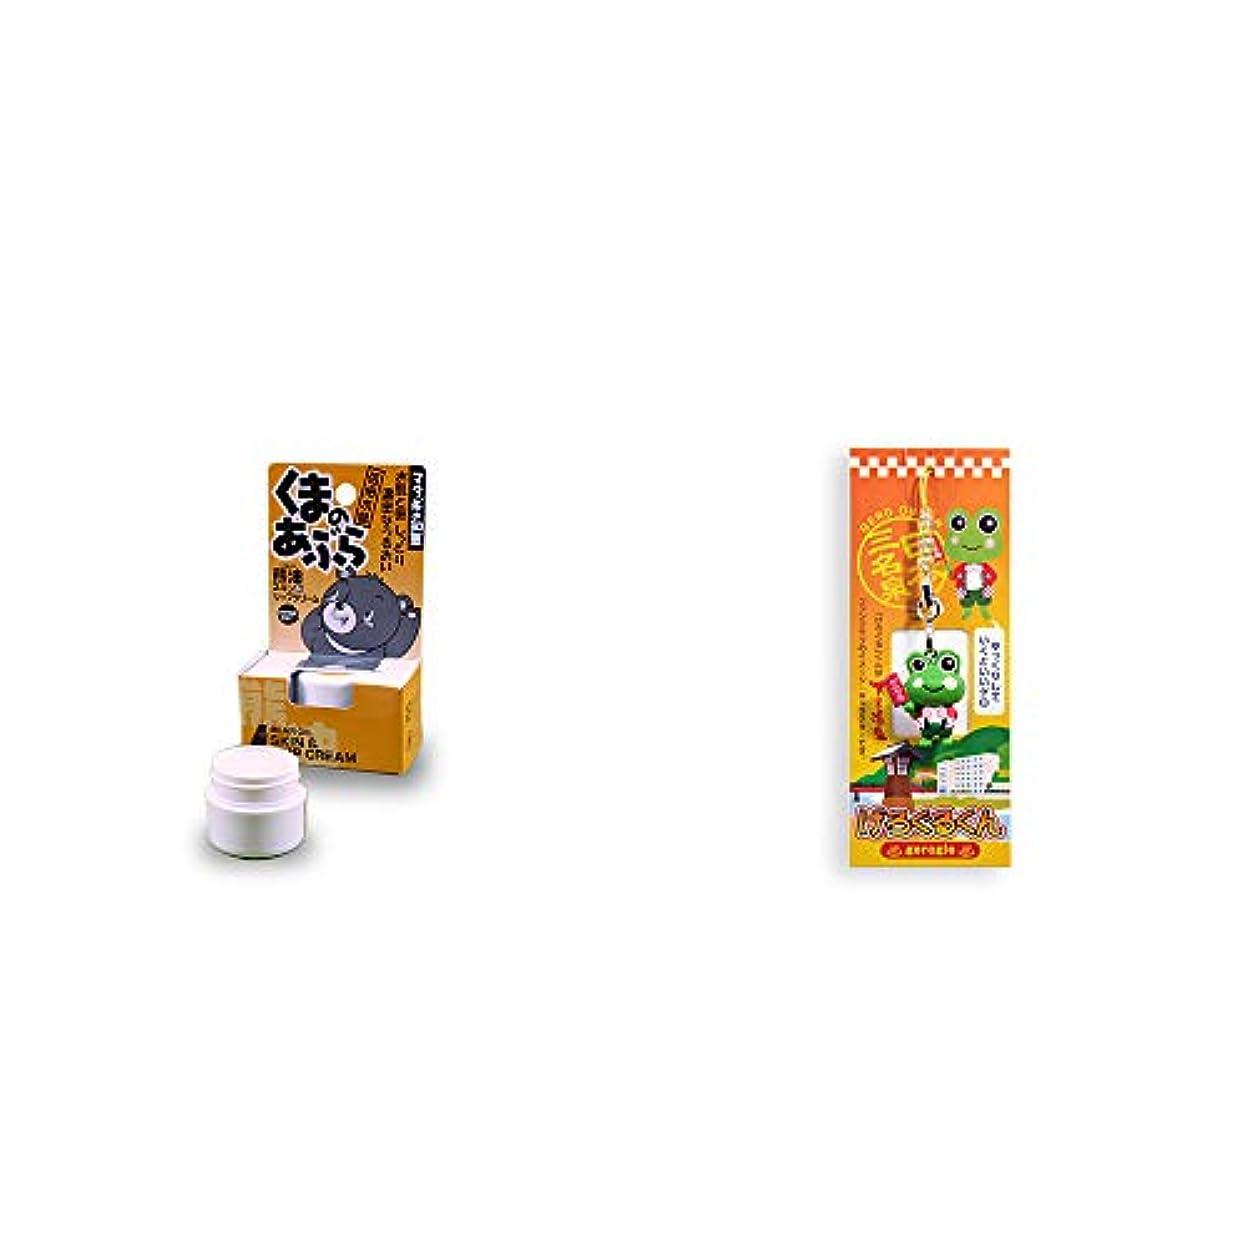 はねかける木製きらめき[2点セット] 信州木曽 くまのあぶら 熊油スキン&リップクリーム(9g)?下呂温泉ファンクラブのイメージキャラクター げろぐるくんストラップ